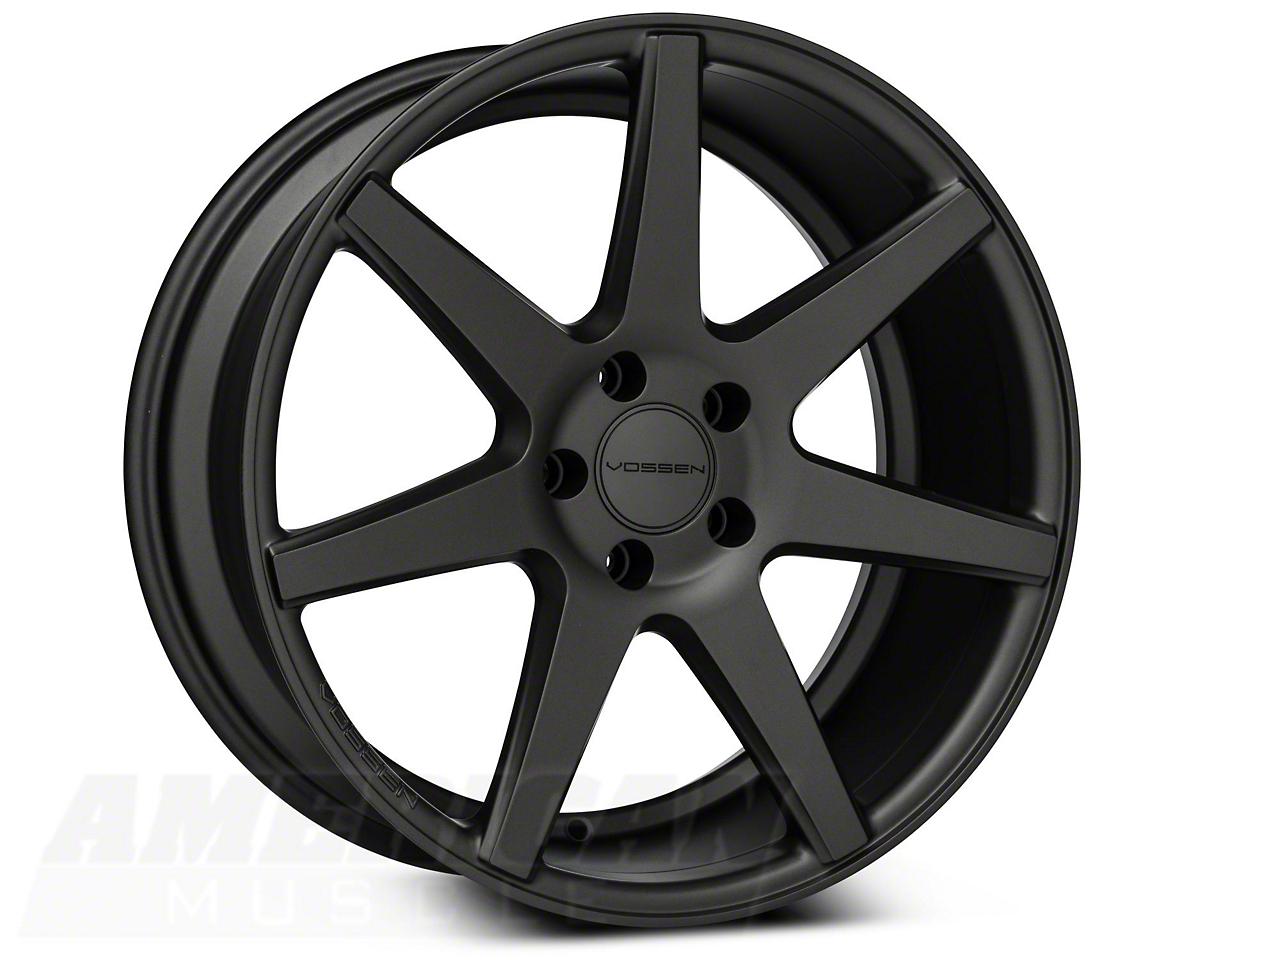 Vossen CV7 Matte Graphite Wheel - 19x8.5 (05-14 All)